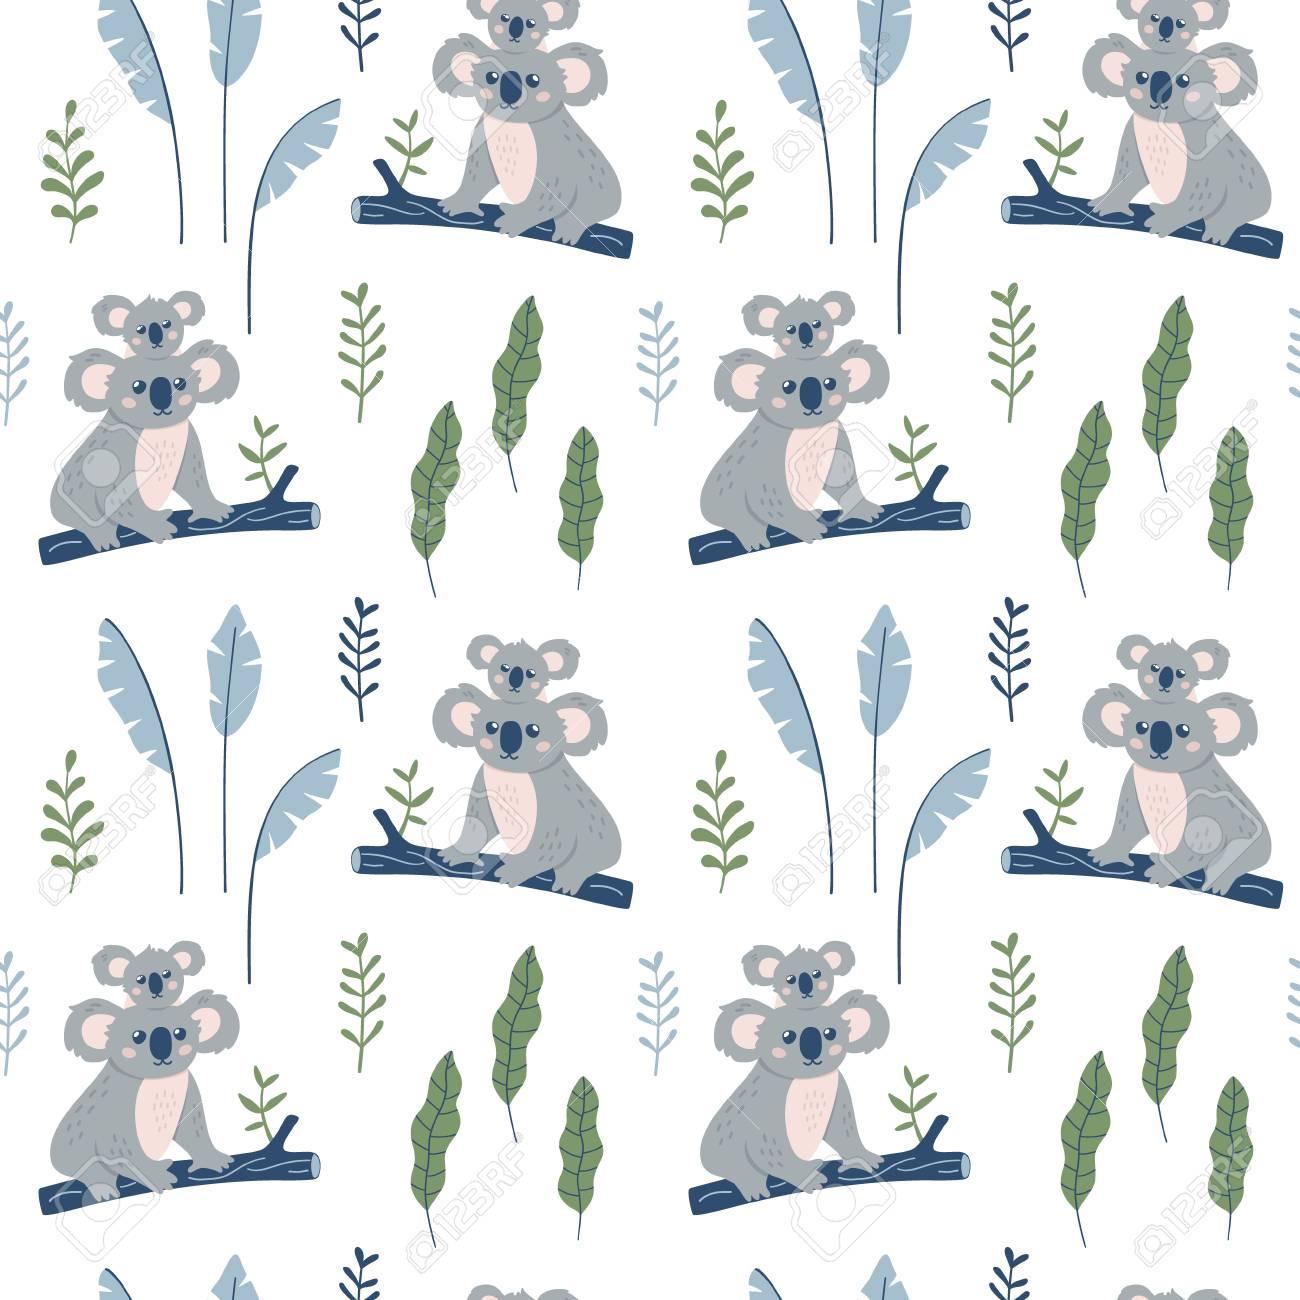 Hand Drawn Seamless Pattern With Koala Mother And Koala Child